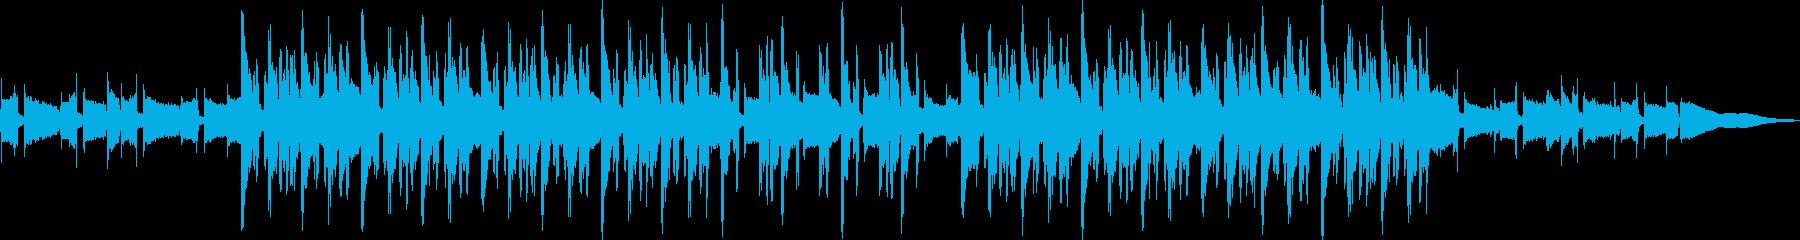 ブルース ポップ ロック Hip-...の再生済みの波形